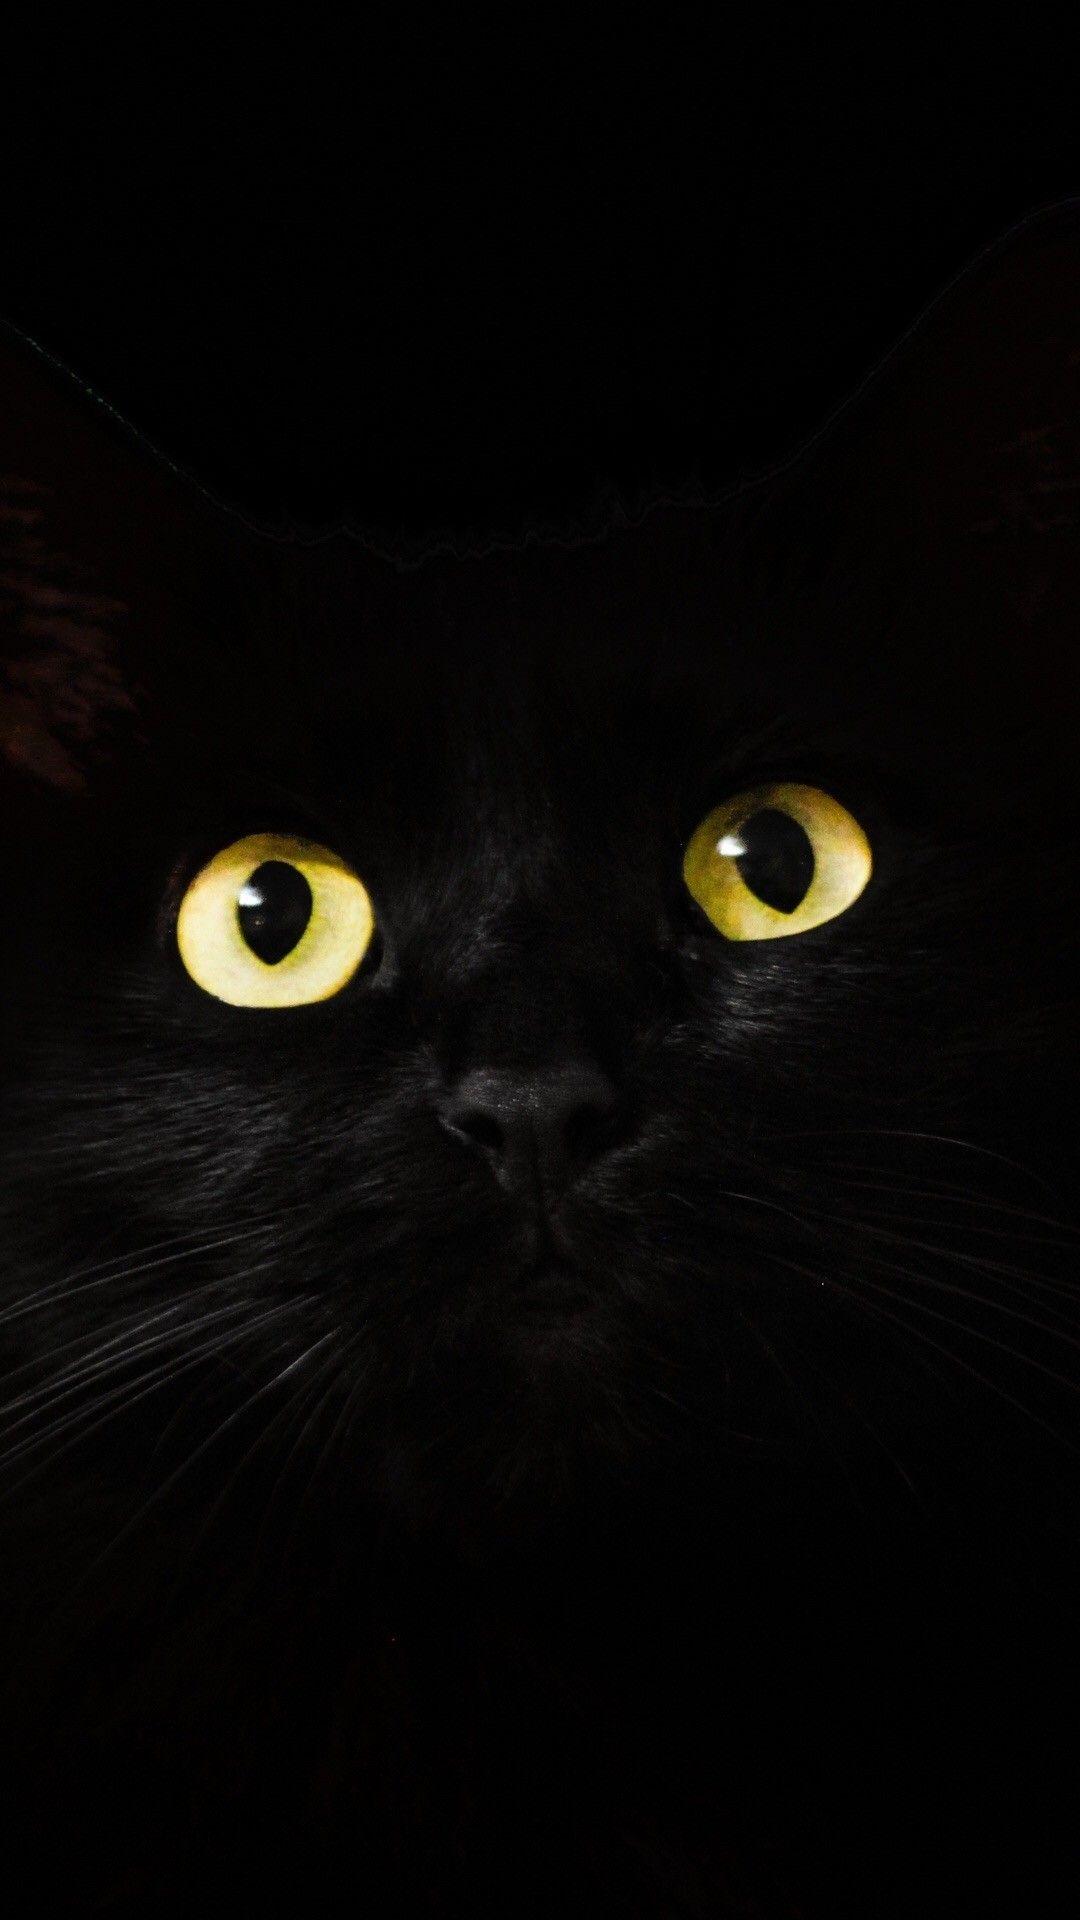 Обои Чёрная. Животные foto 17